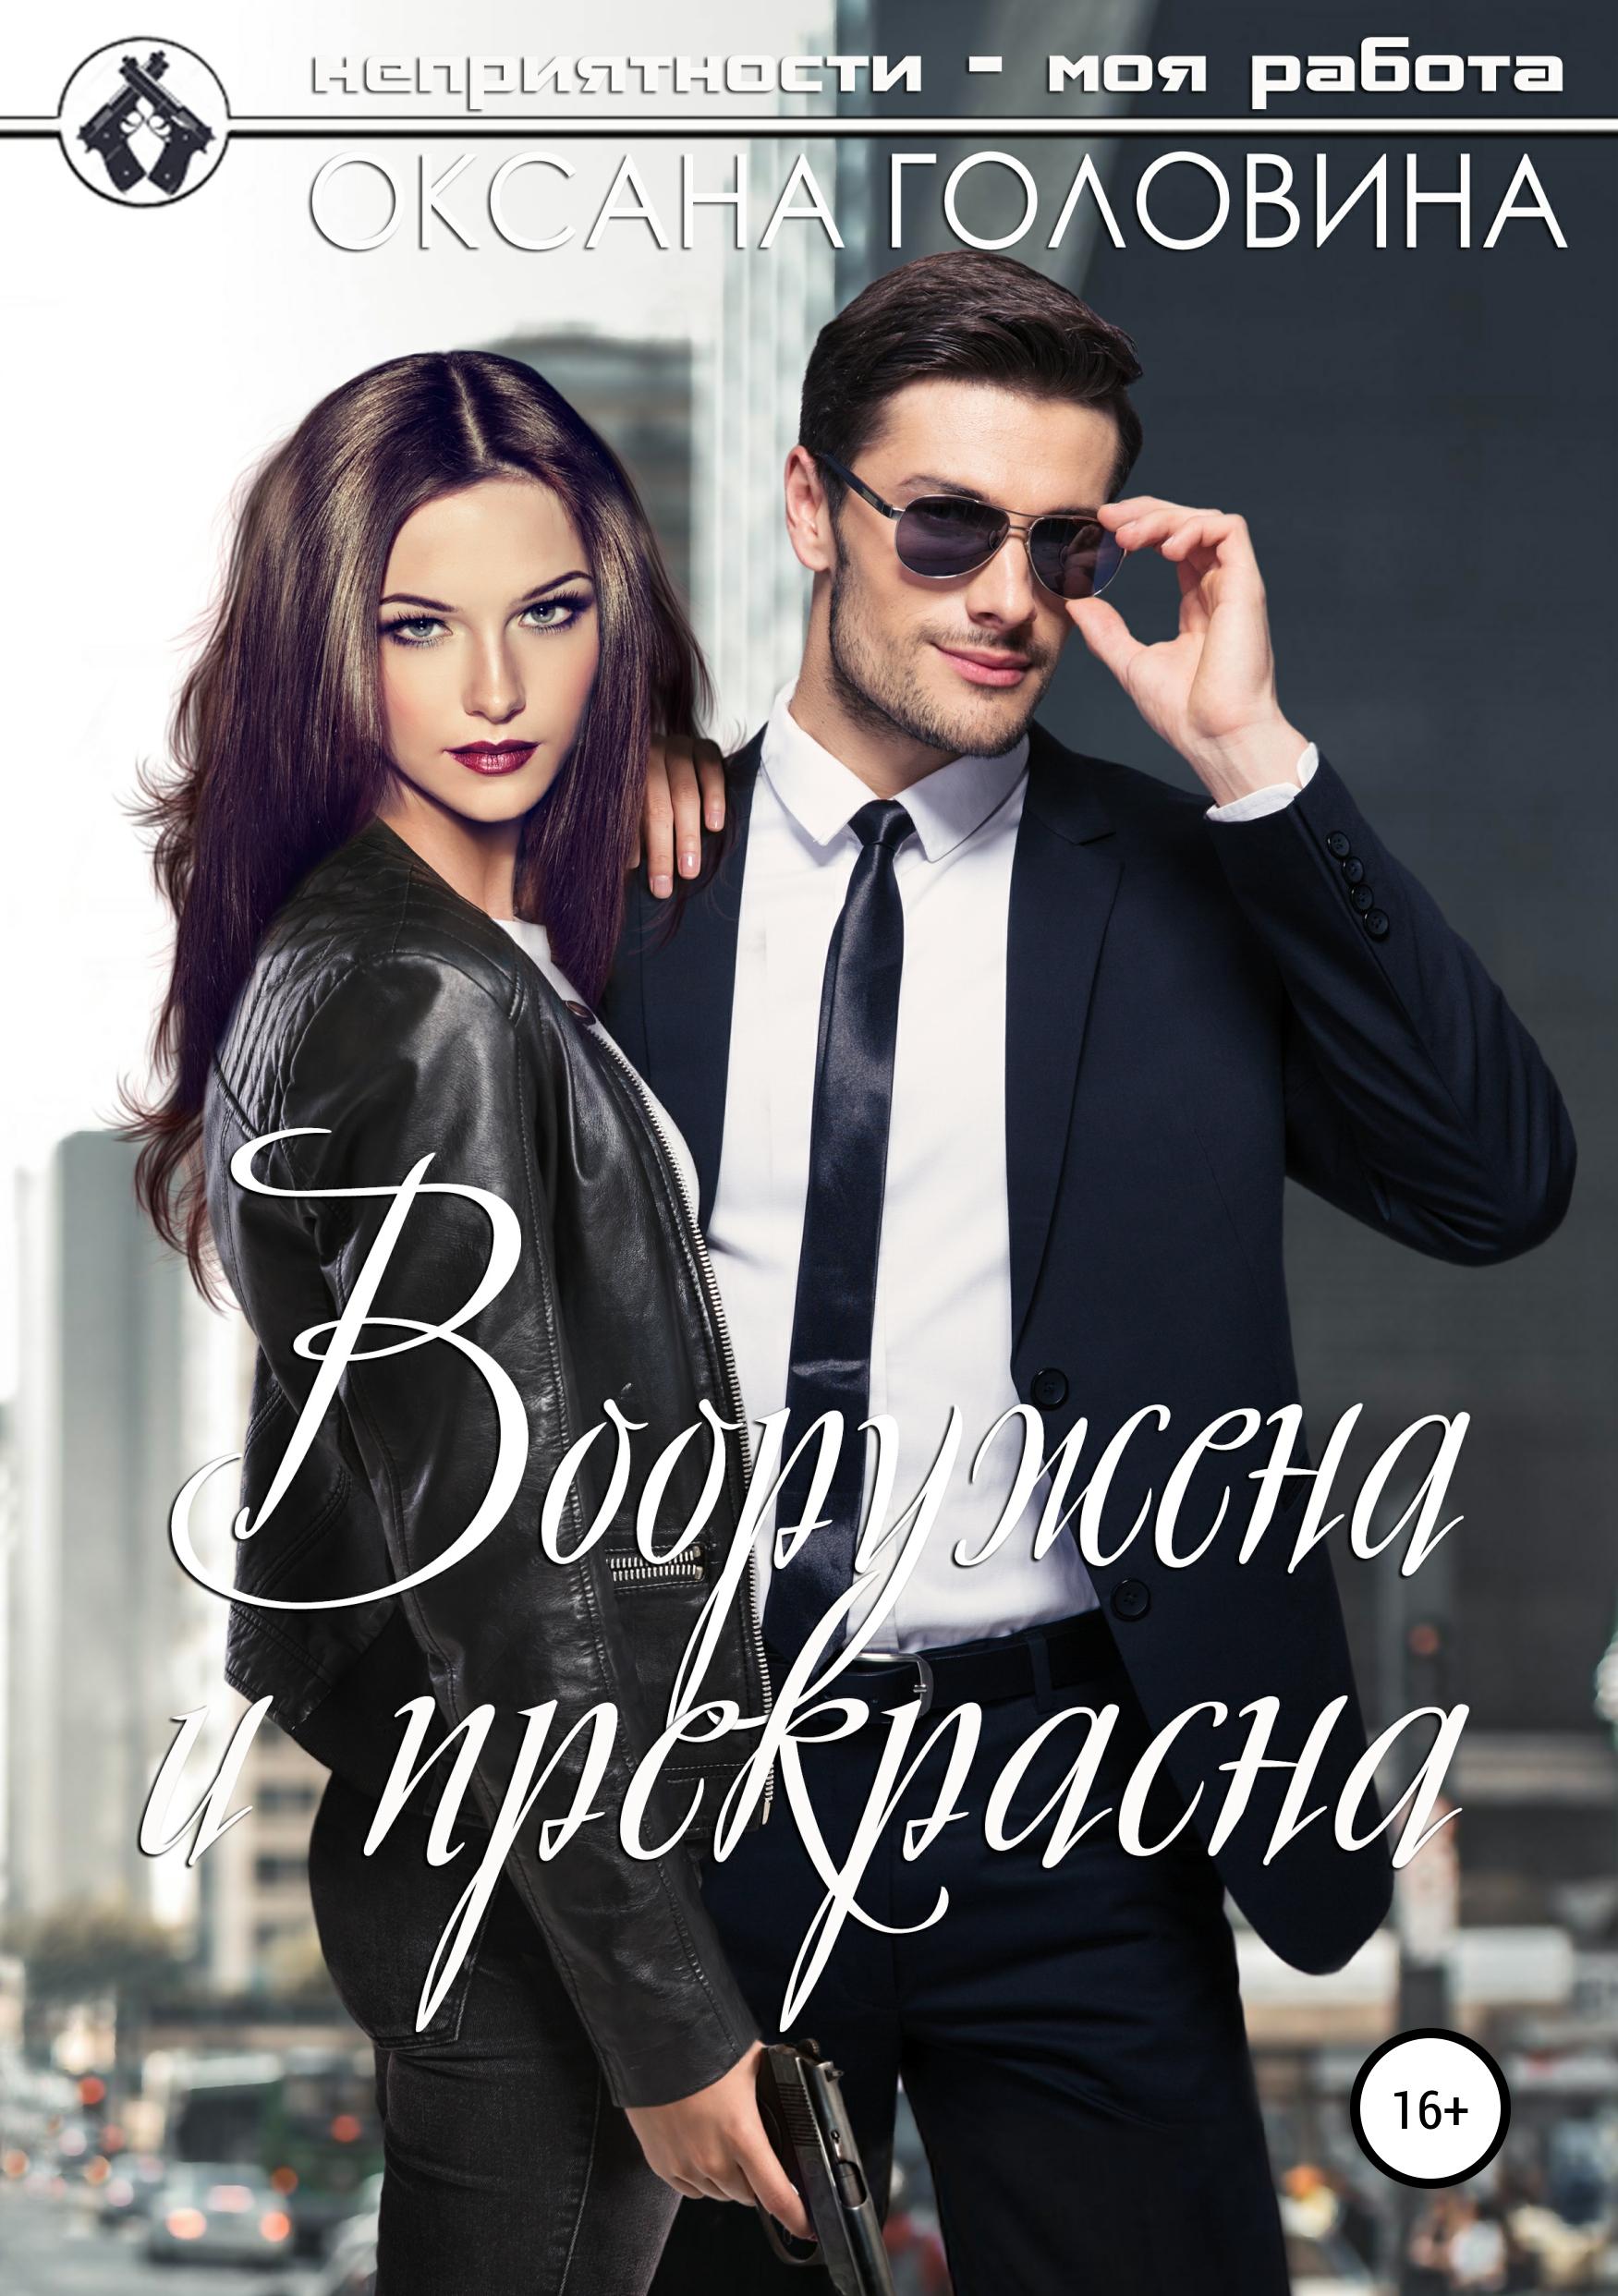 Оксана Головина Вооружена и прекрасна оксана сергеевна головина вооружена и прекрасна